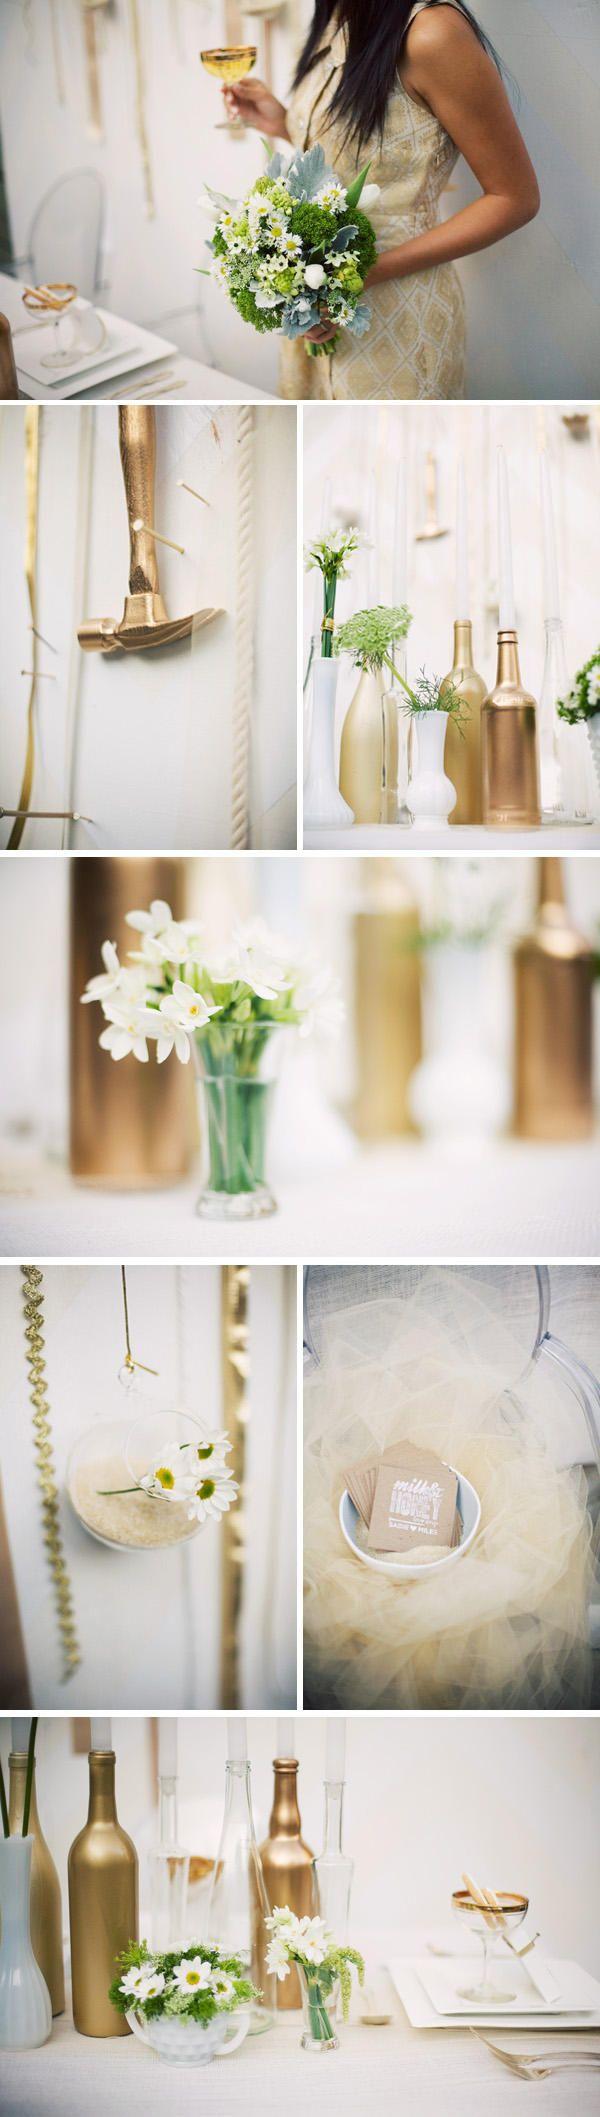 176 best Glitter & gold weddings images on Pinterest   Gold weddings ...